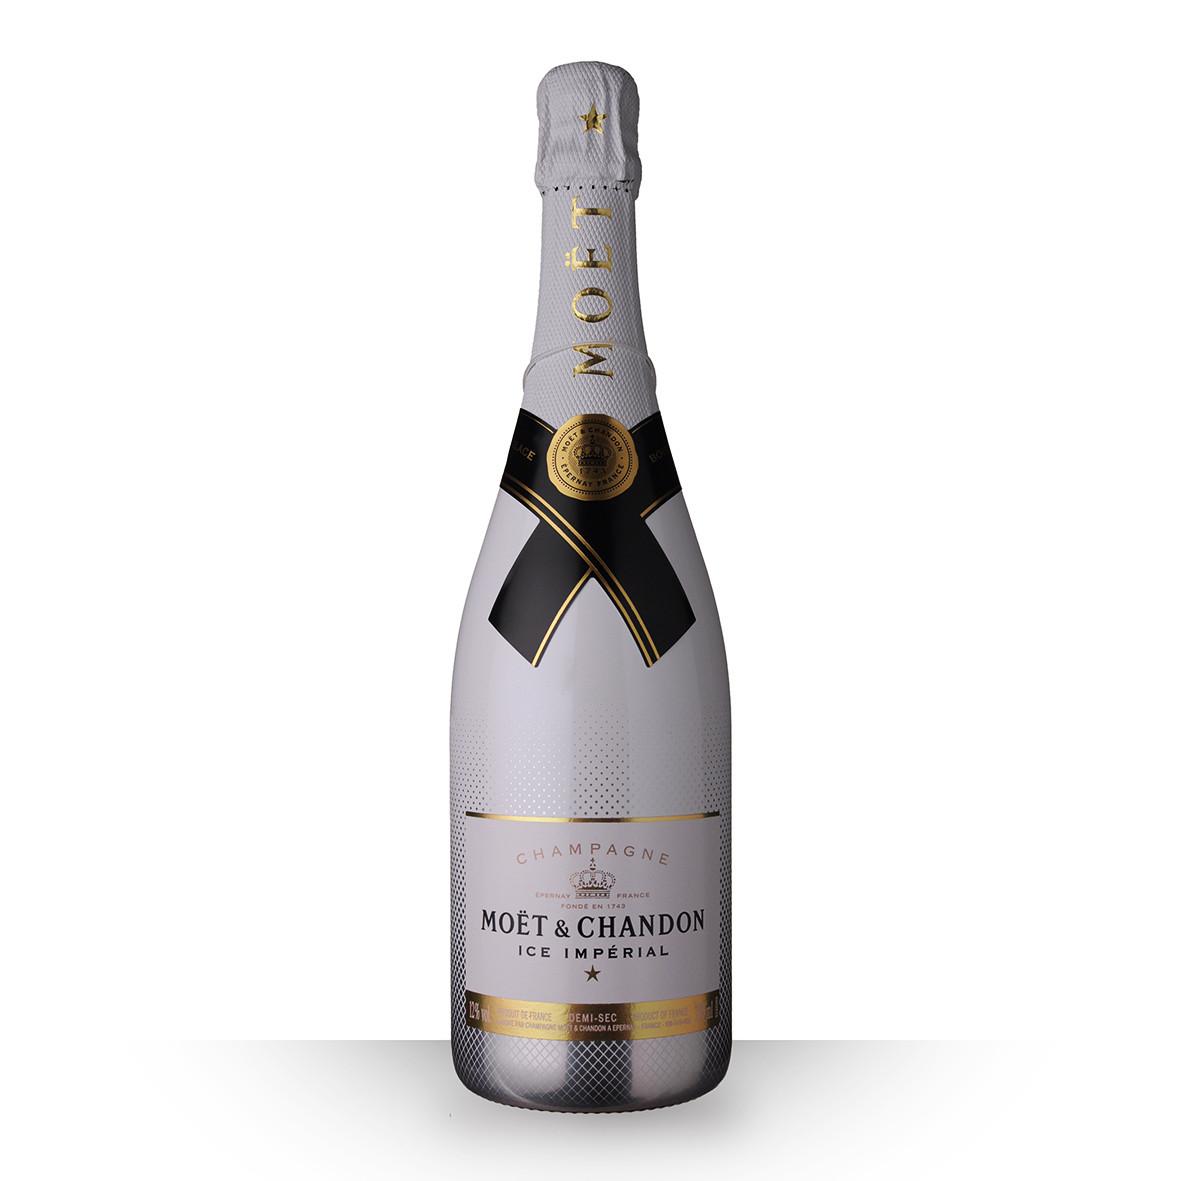 Champagne Moët et Chandon Ice Impérial Demi-Sec 75cl www.odyssee-vins.com